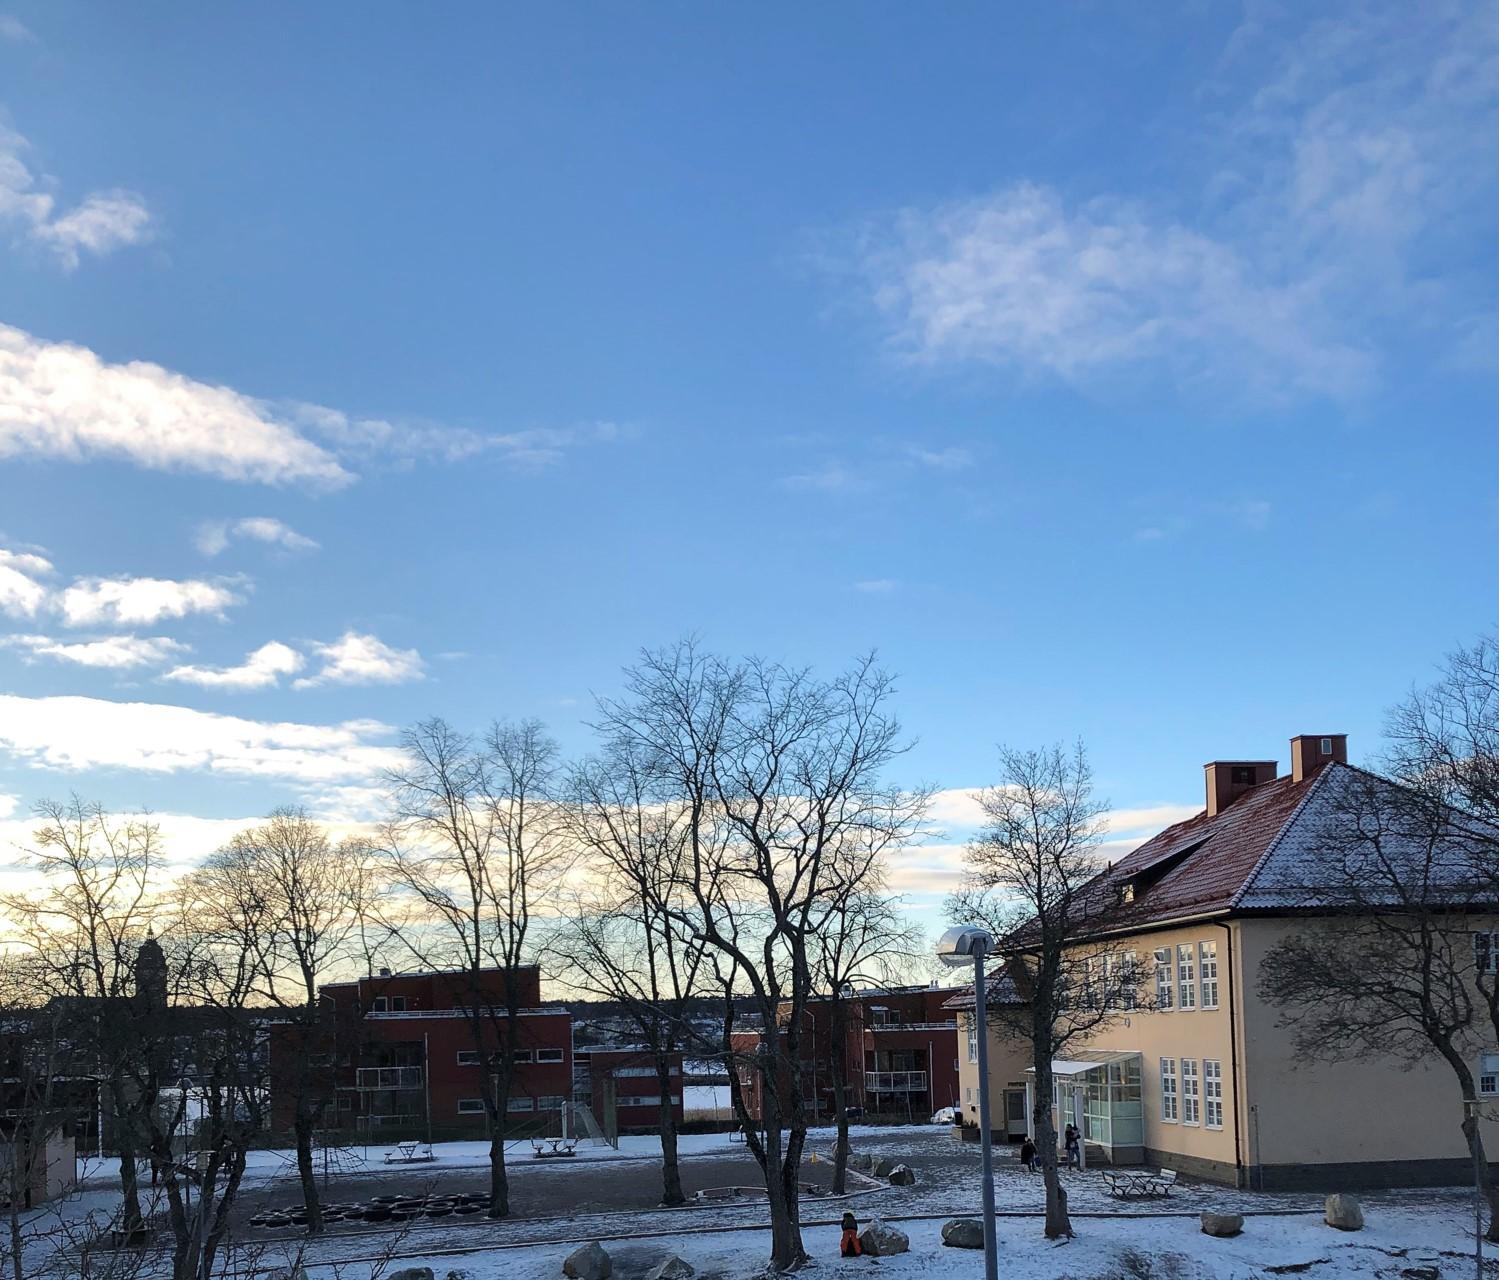 Sundbyvägen 13 - Lugnt och soligt.